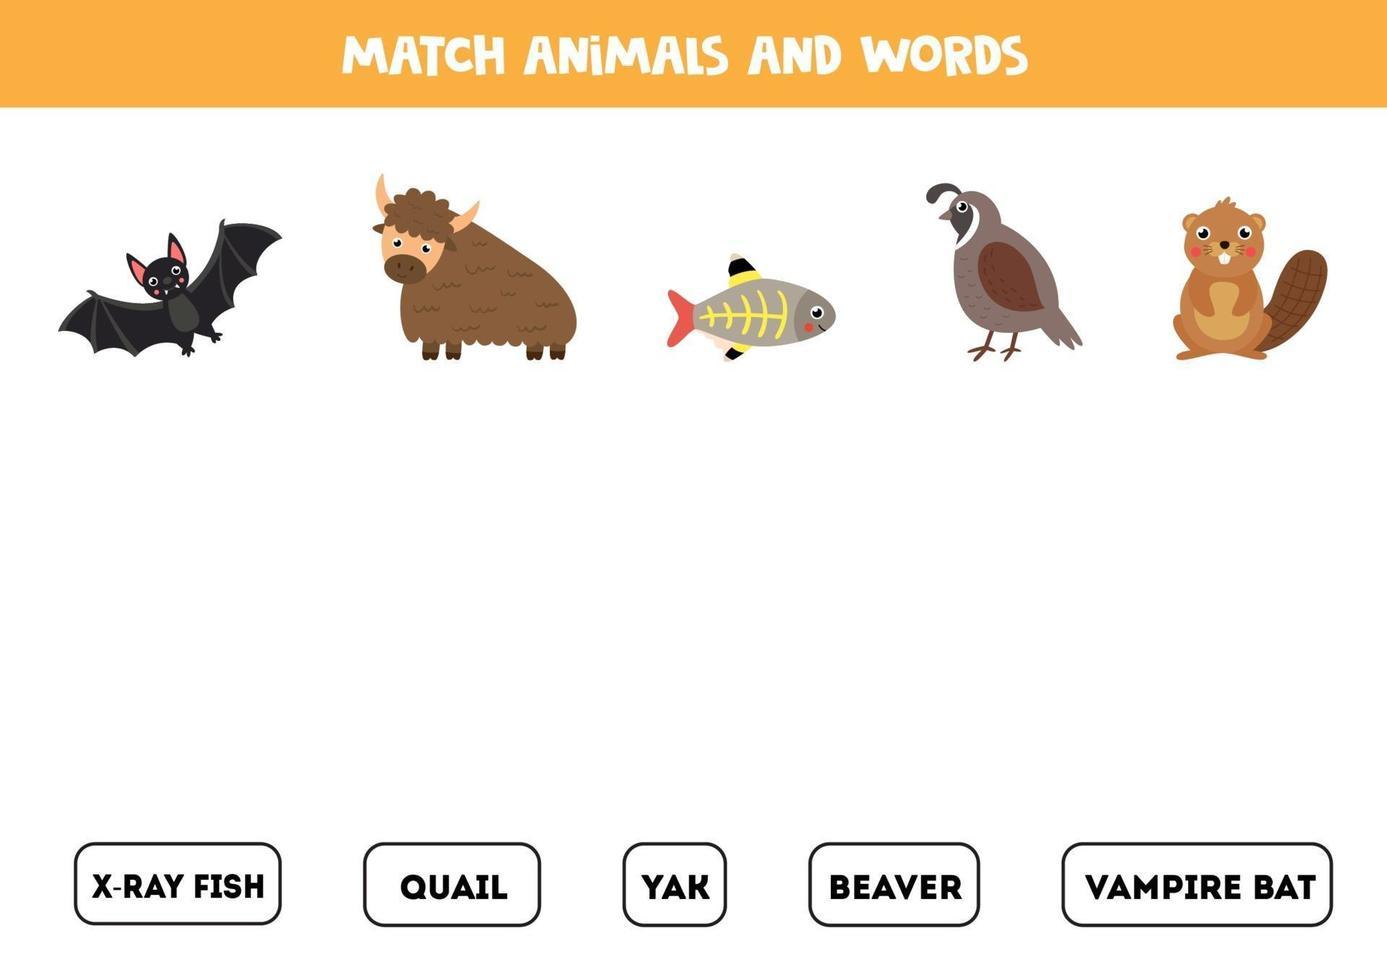 jogo de palavras combinando com animais fofos. jogo educativo. vetor